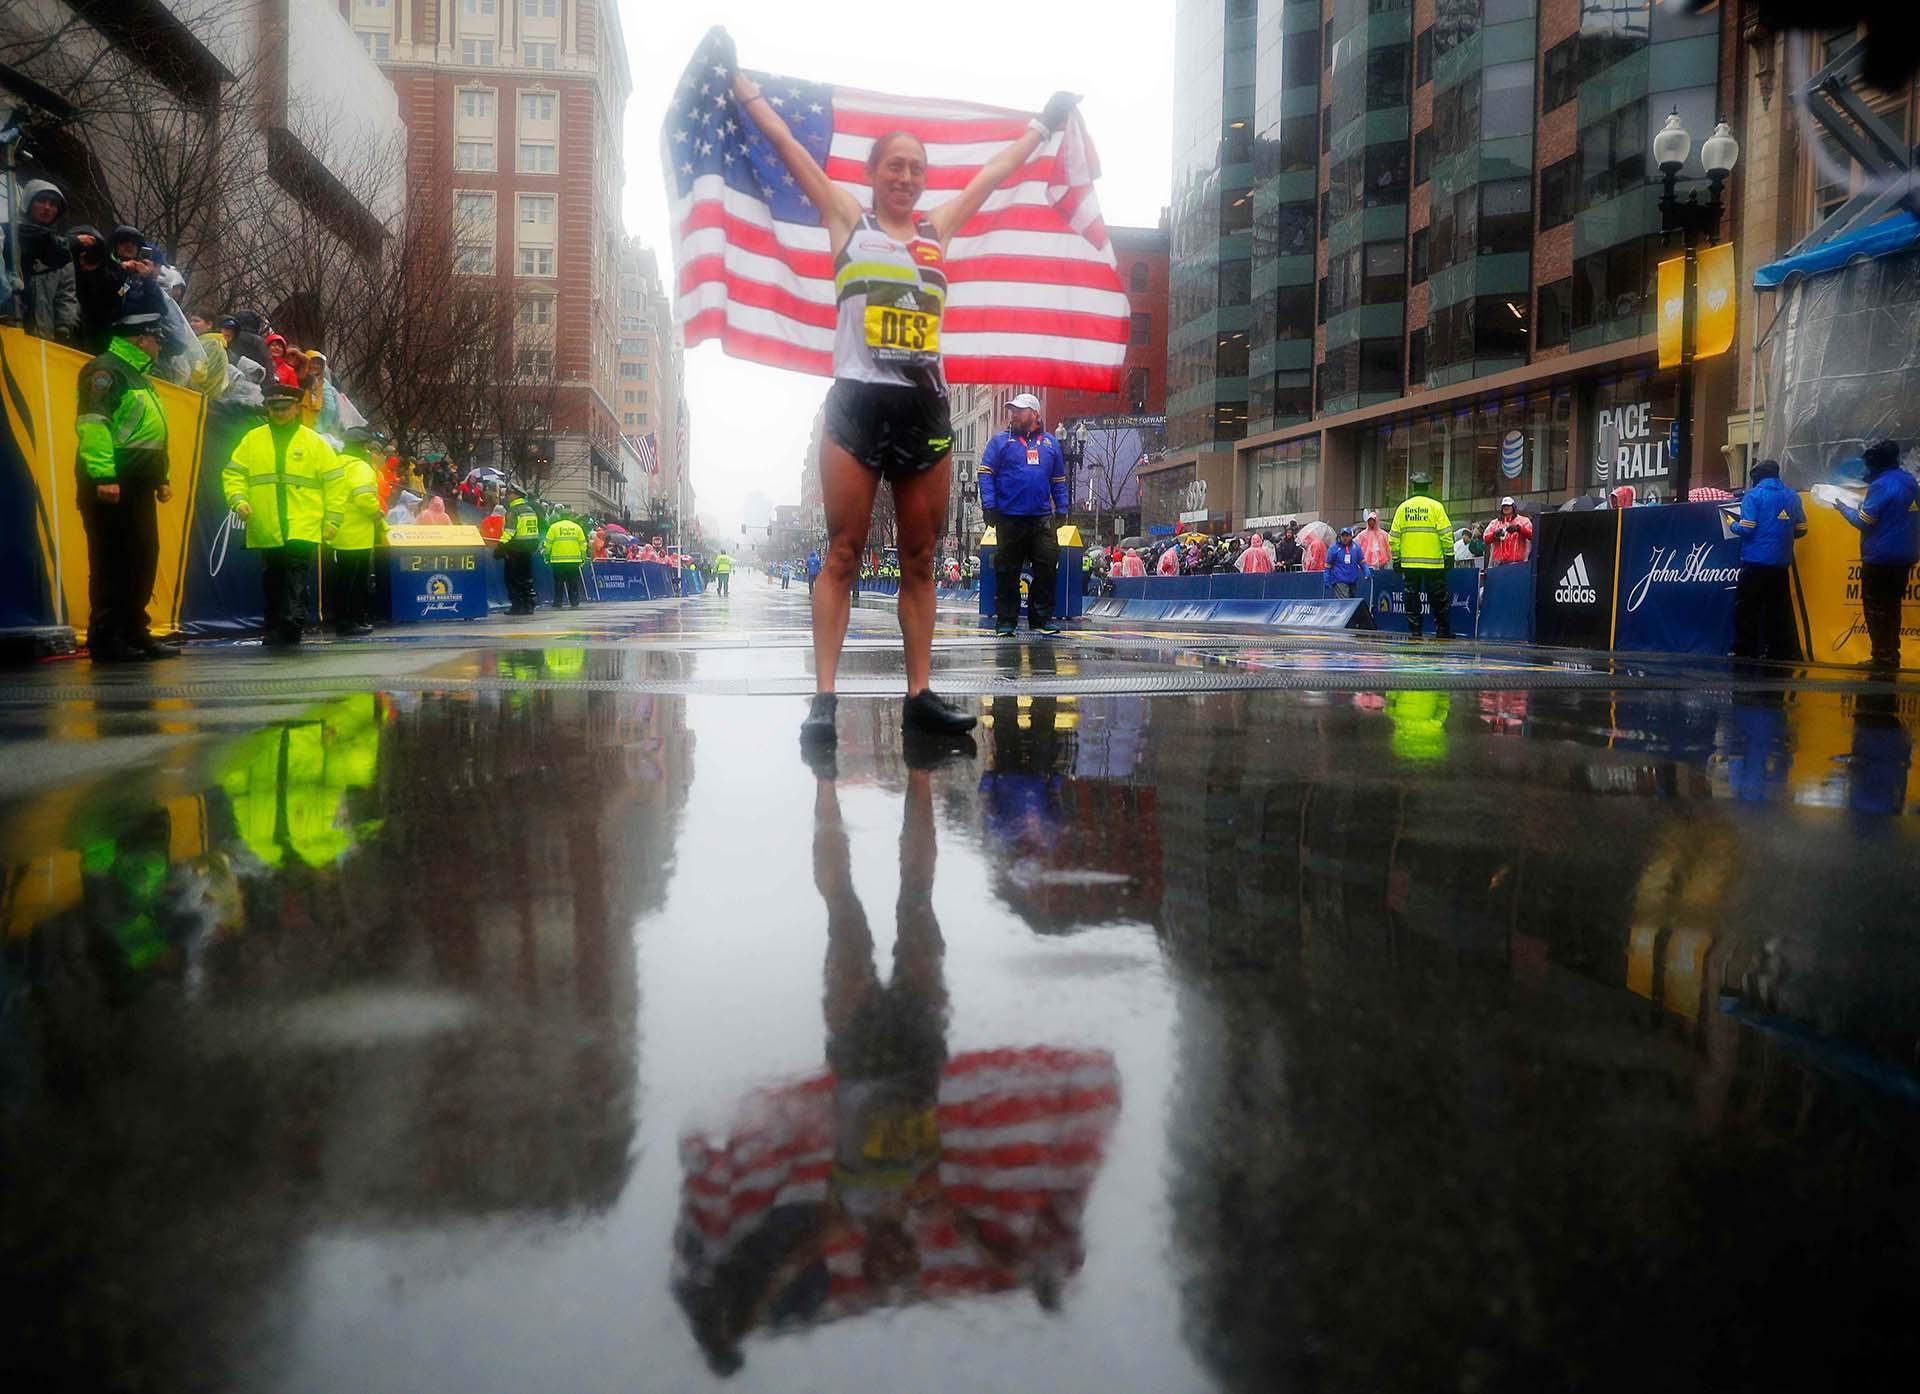 La carrera, que se dio con temperaturas inferiores a 3 grados centígrados (40 grados Fahrenheit), fuerte viento y lluvia constante